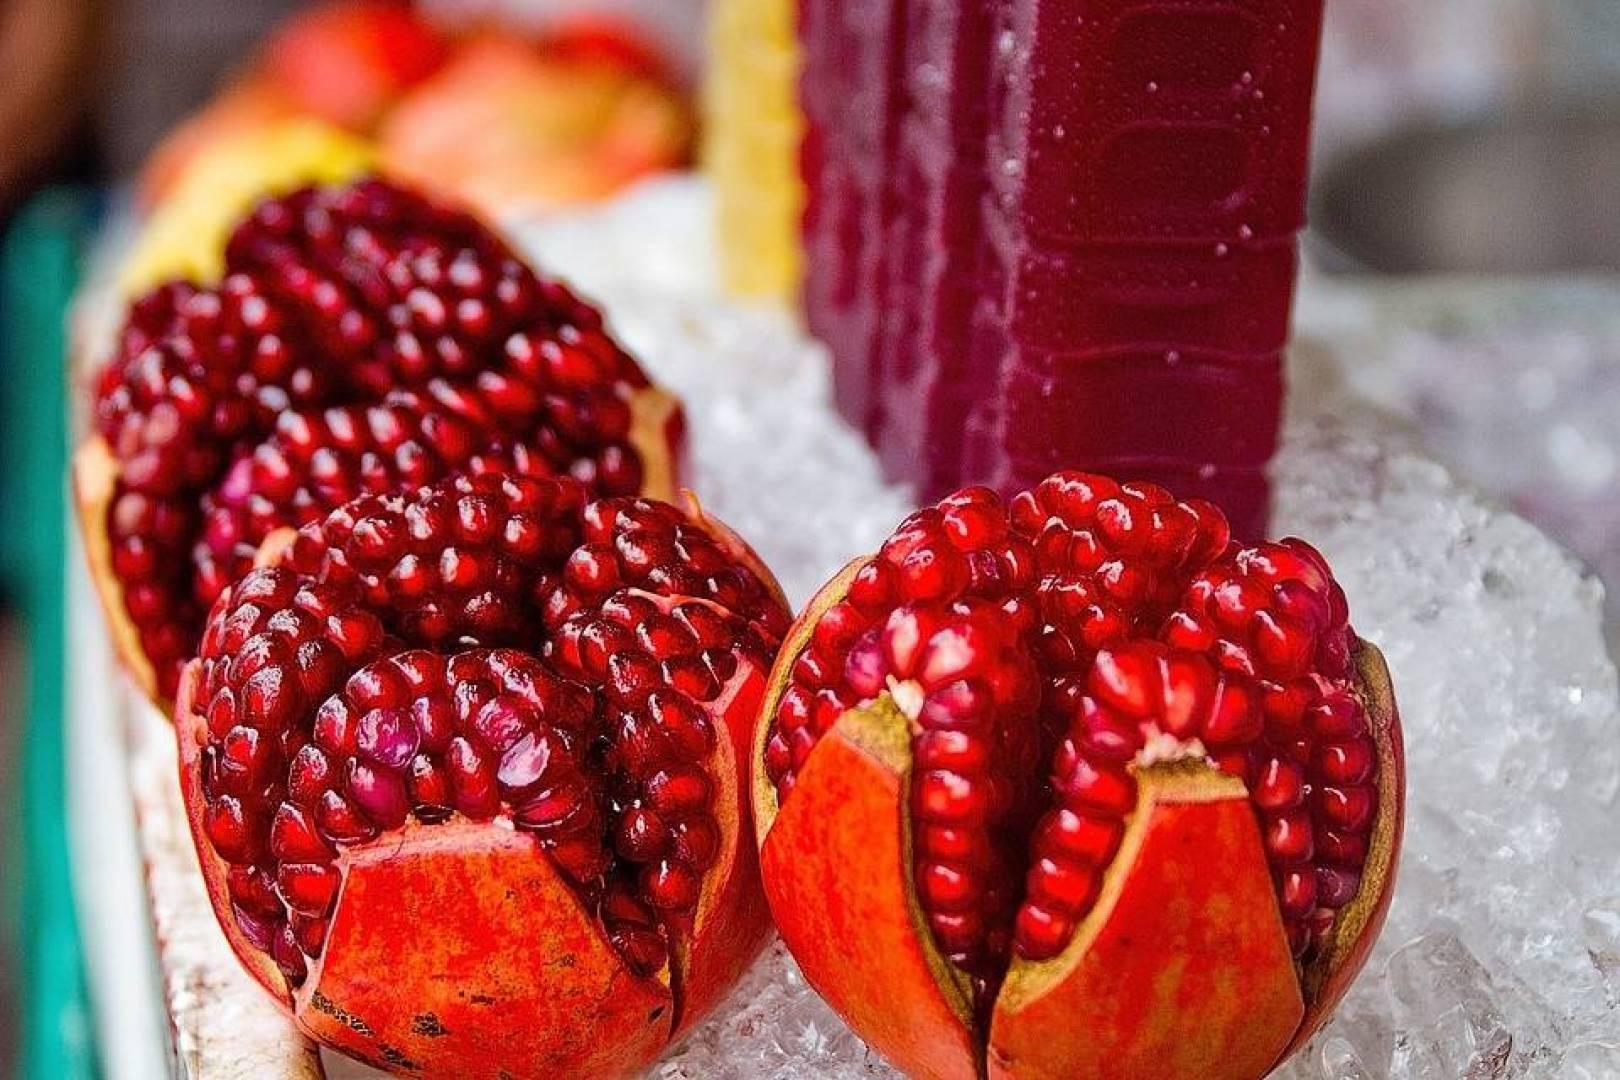 فوائد الرمان للدم وتعزيز المناعة ومكافحة مرضى السرطان